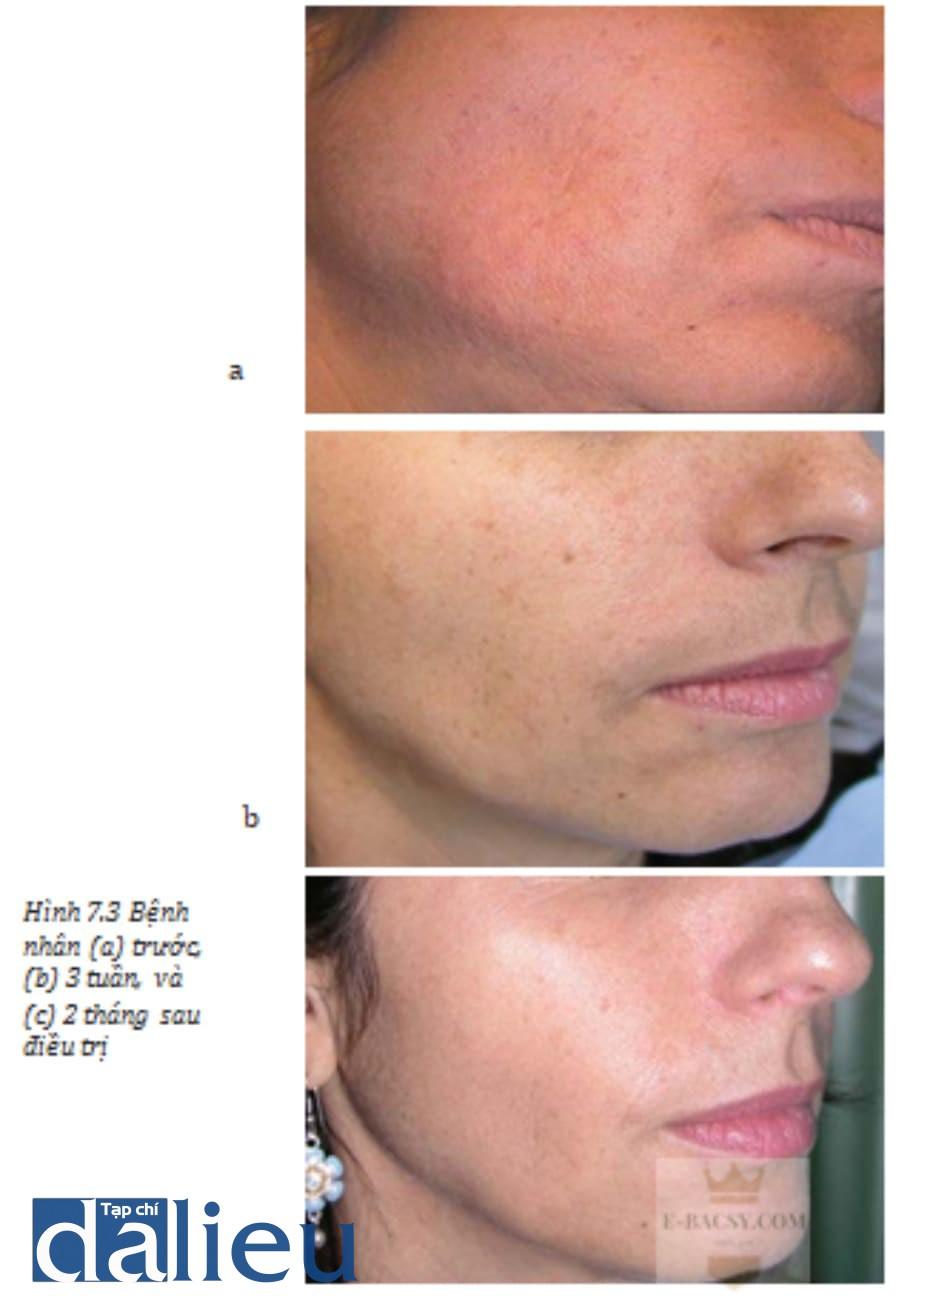 Hình 7.3 Bệnh nhân (a) trước, (b) 3 tuần, và (c) 2 tháng sau điều trị